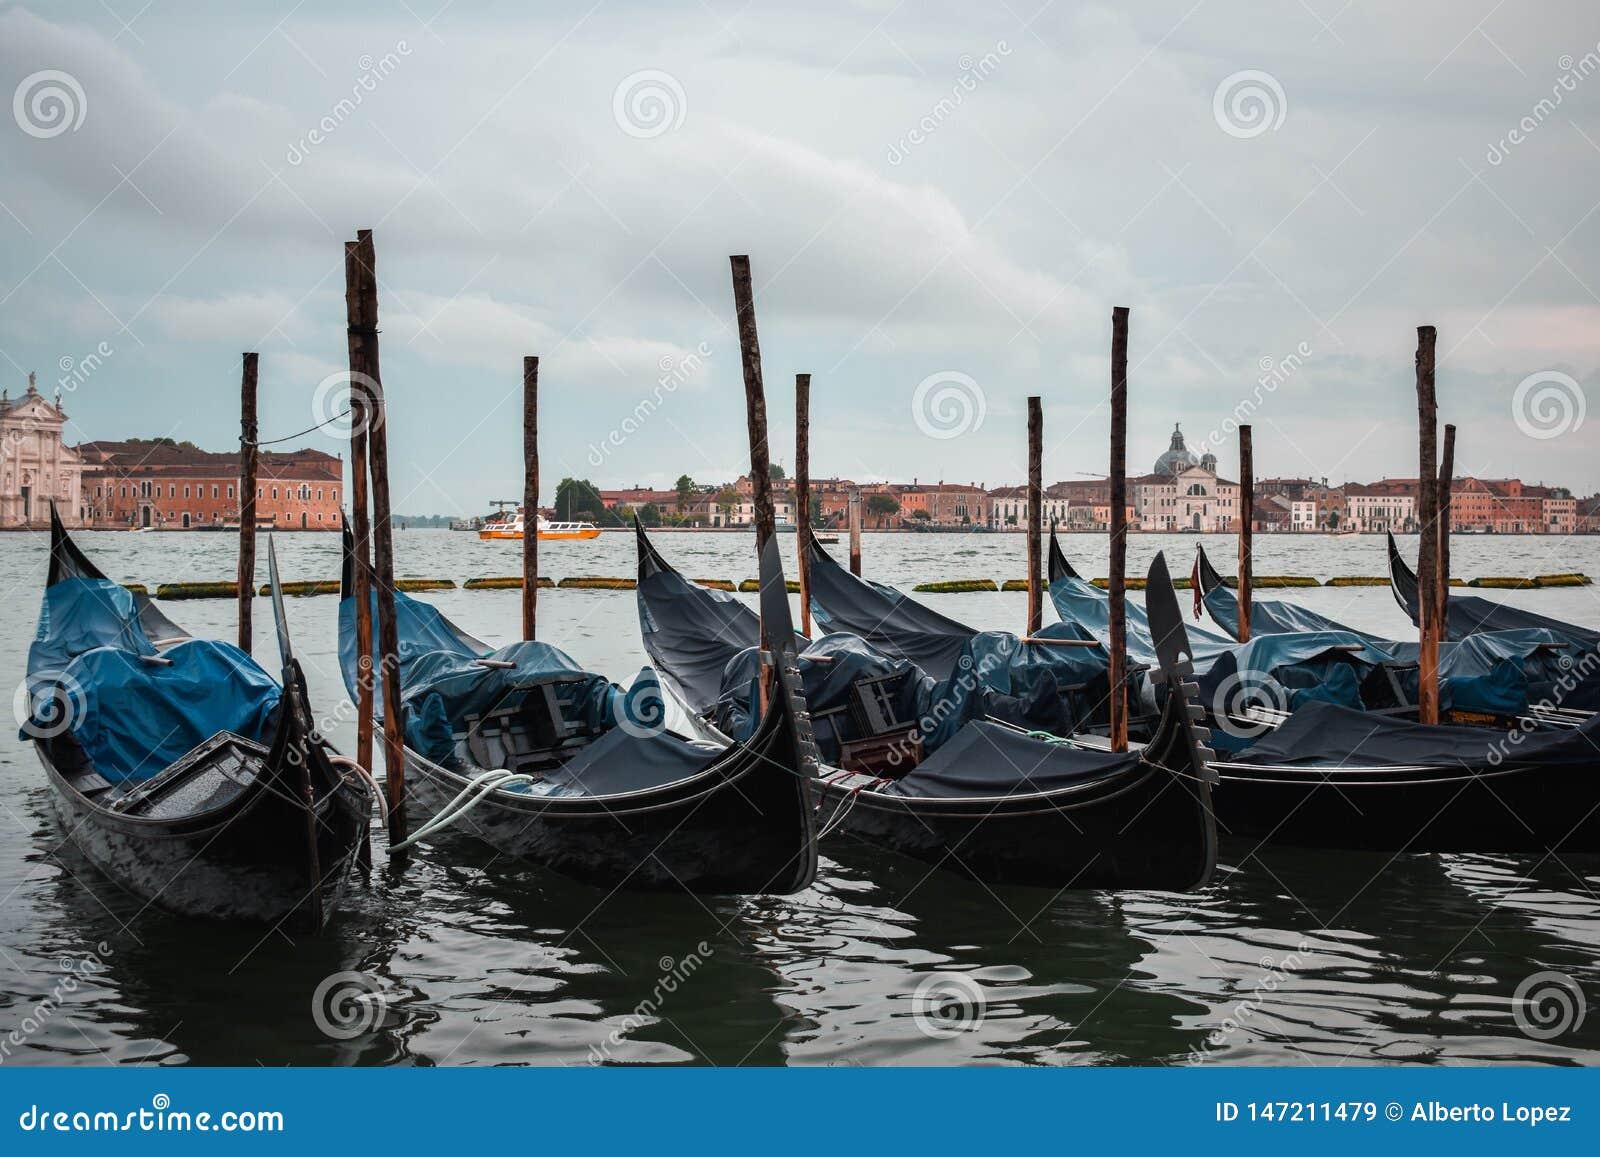 Typische scène van geparkeerde gondels in Venetië